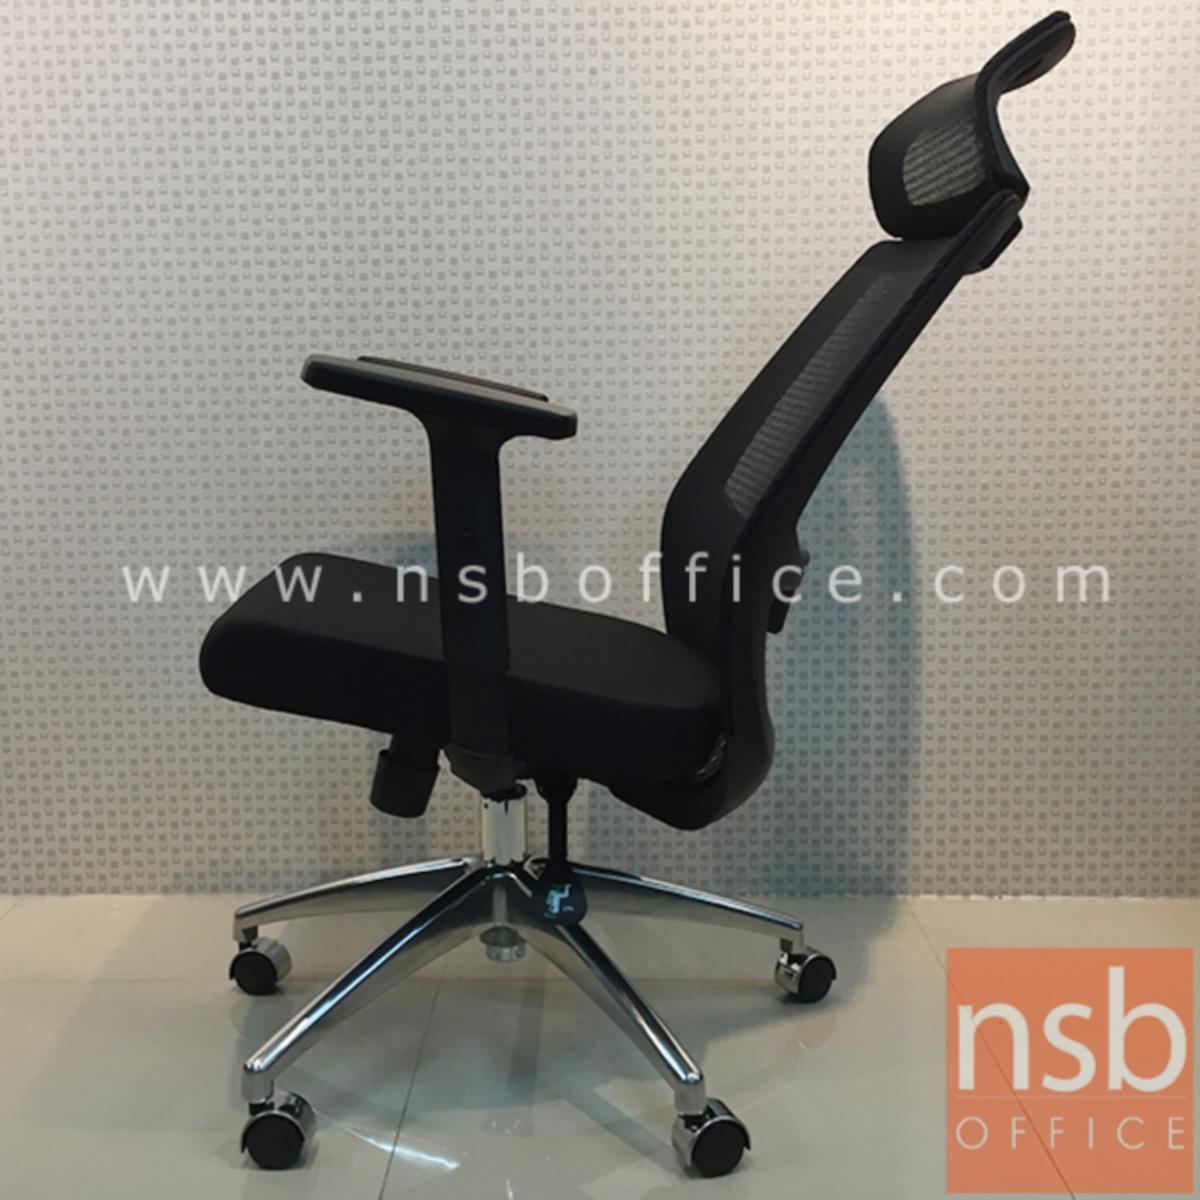 เก้าอี้ผู้บริหารหลังเน็ต  รุ่น Perrineau (แพร์ริโน)  โช๊คแก๊ส มีก้อนโยก ขาอลูมิเนียม